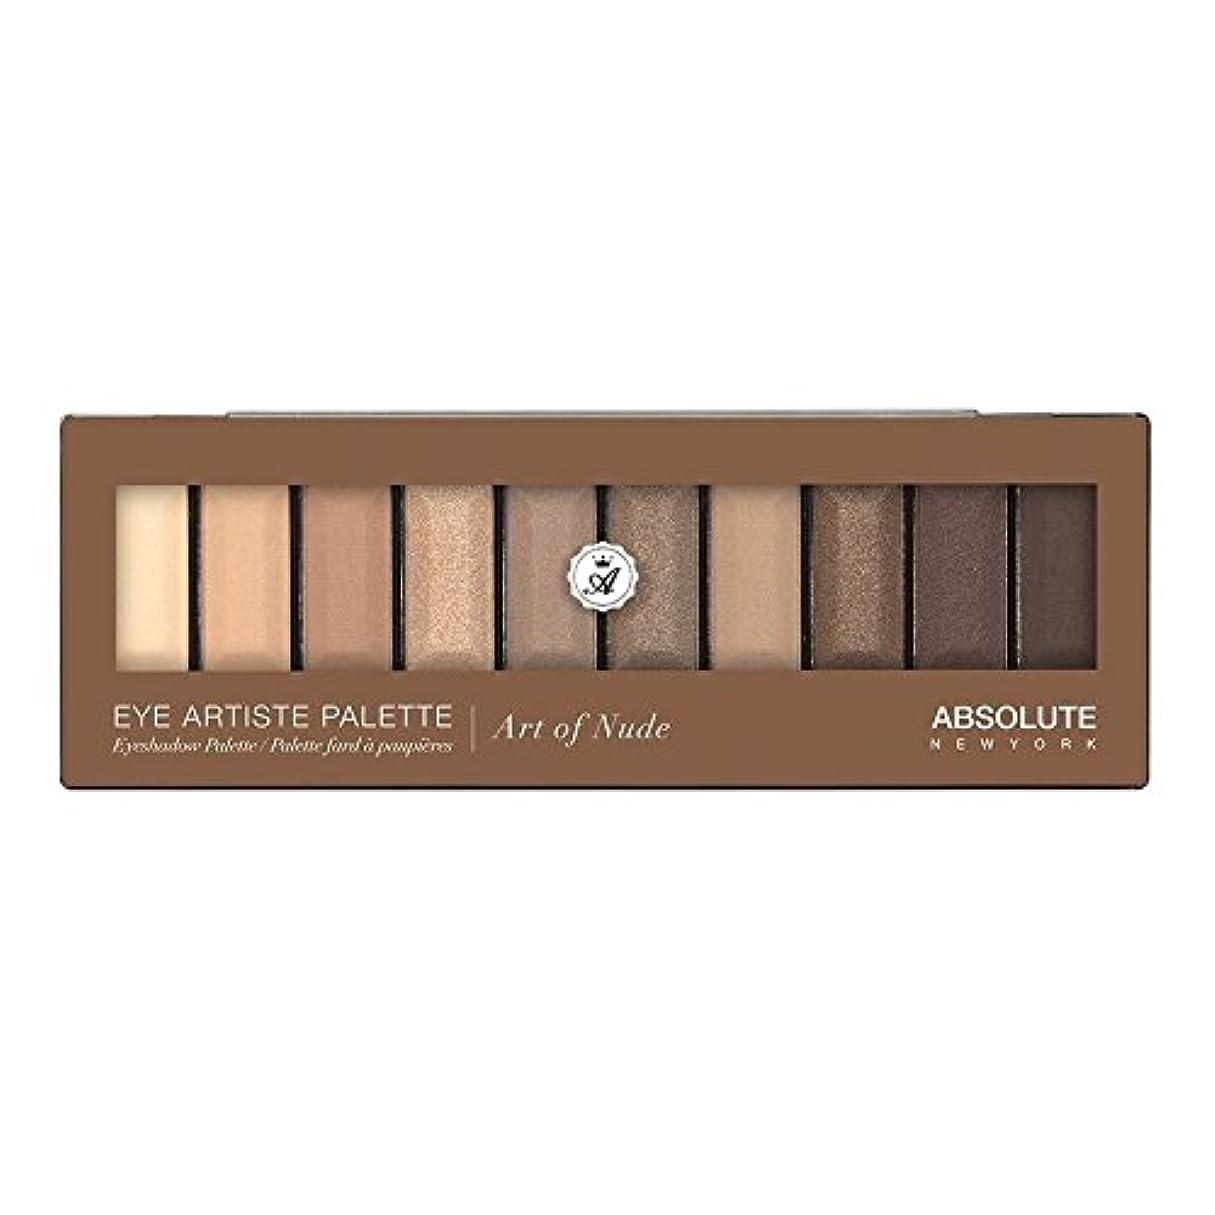 一般化する火星主導権(3 Pack) ABSOLUTE Eye Artiste Palette - Art Of Nude (並行輸入品)